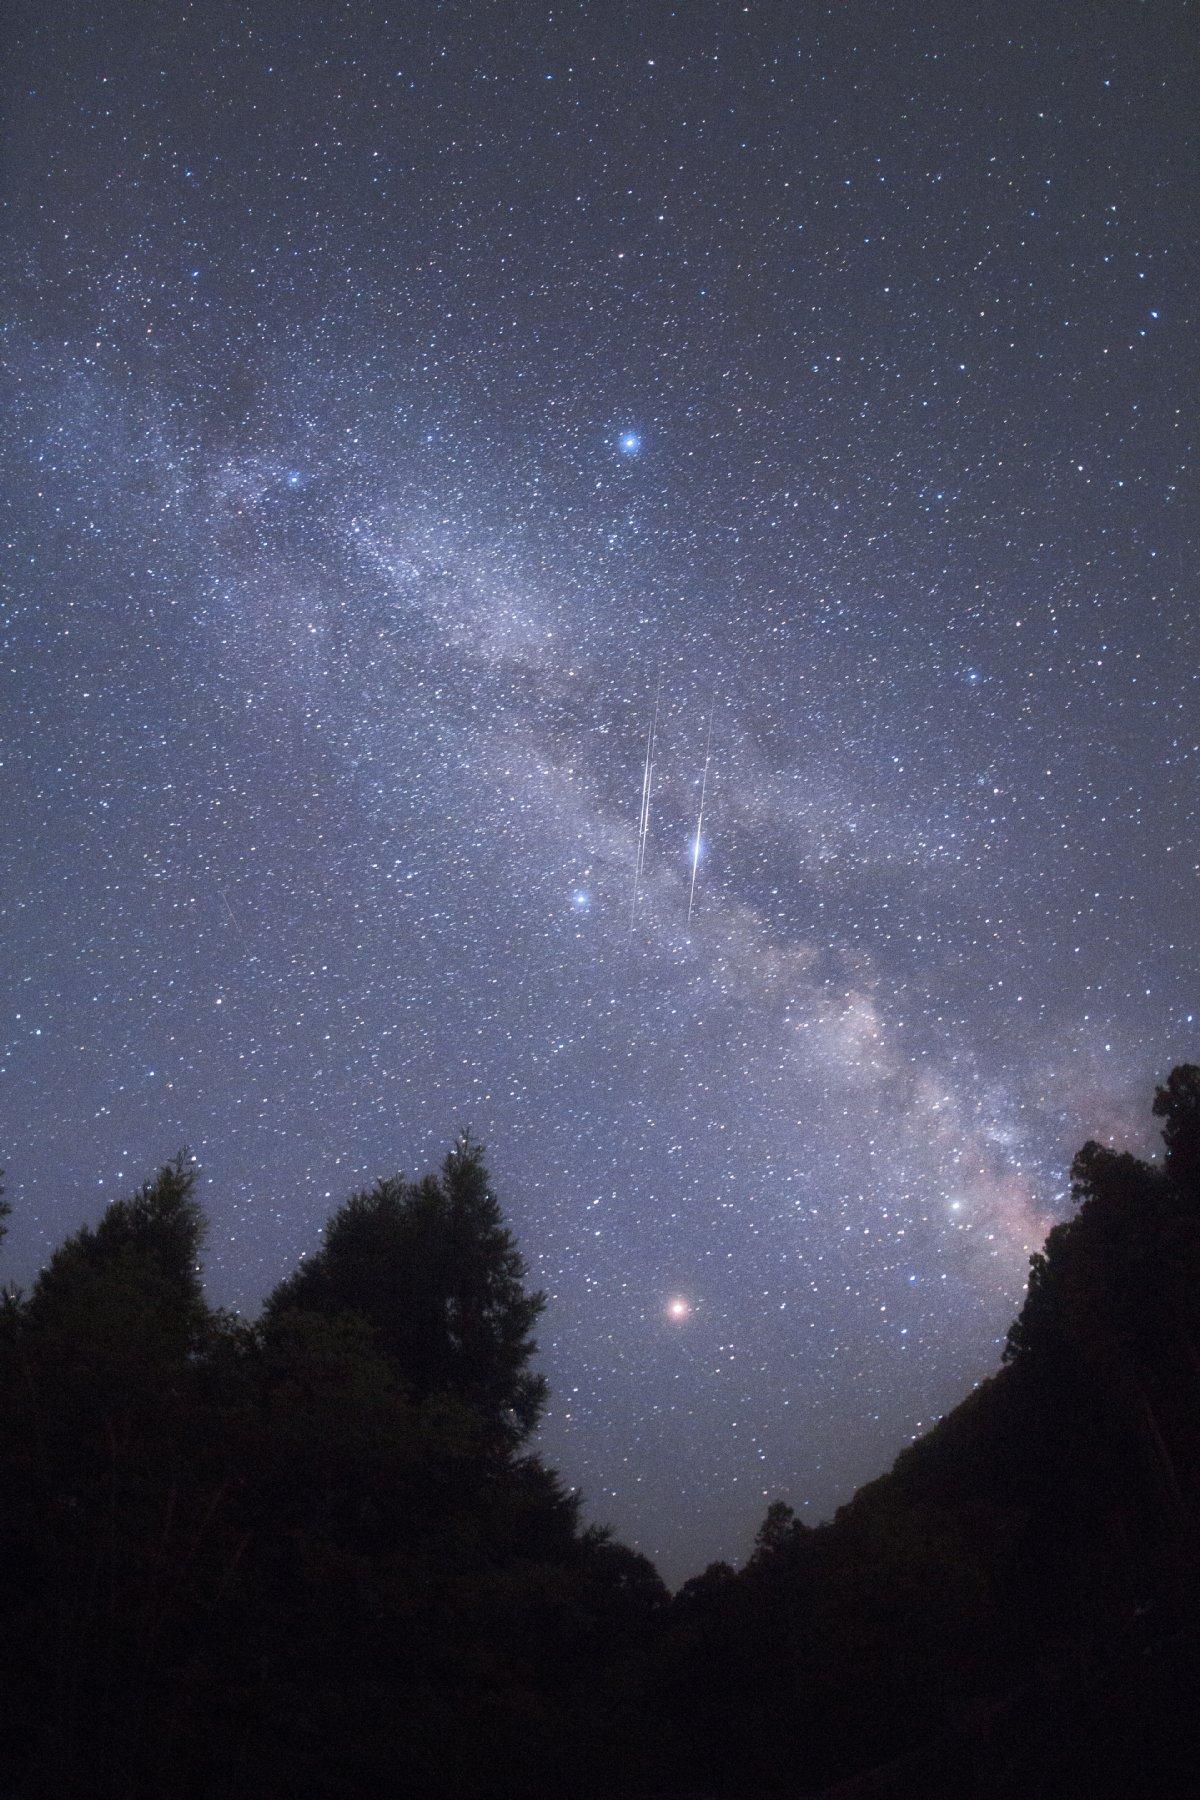 【星景】3連人工衛星×天の川@五条大塔